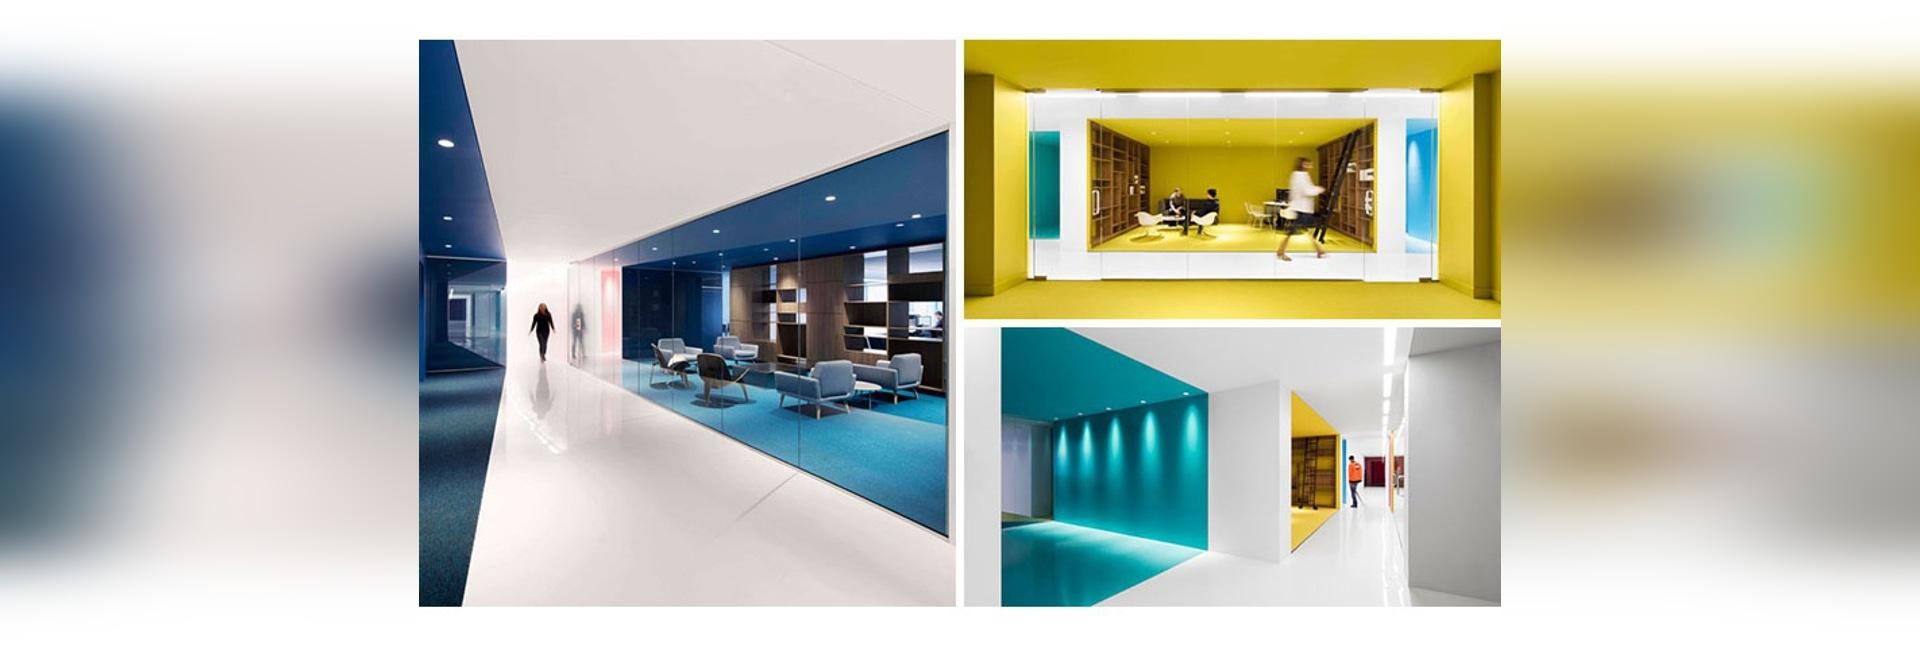 cette couleur utilisée intérieure de bureau pour créer les espaces